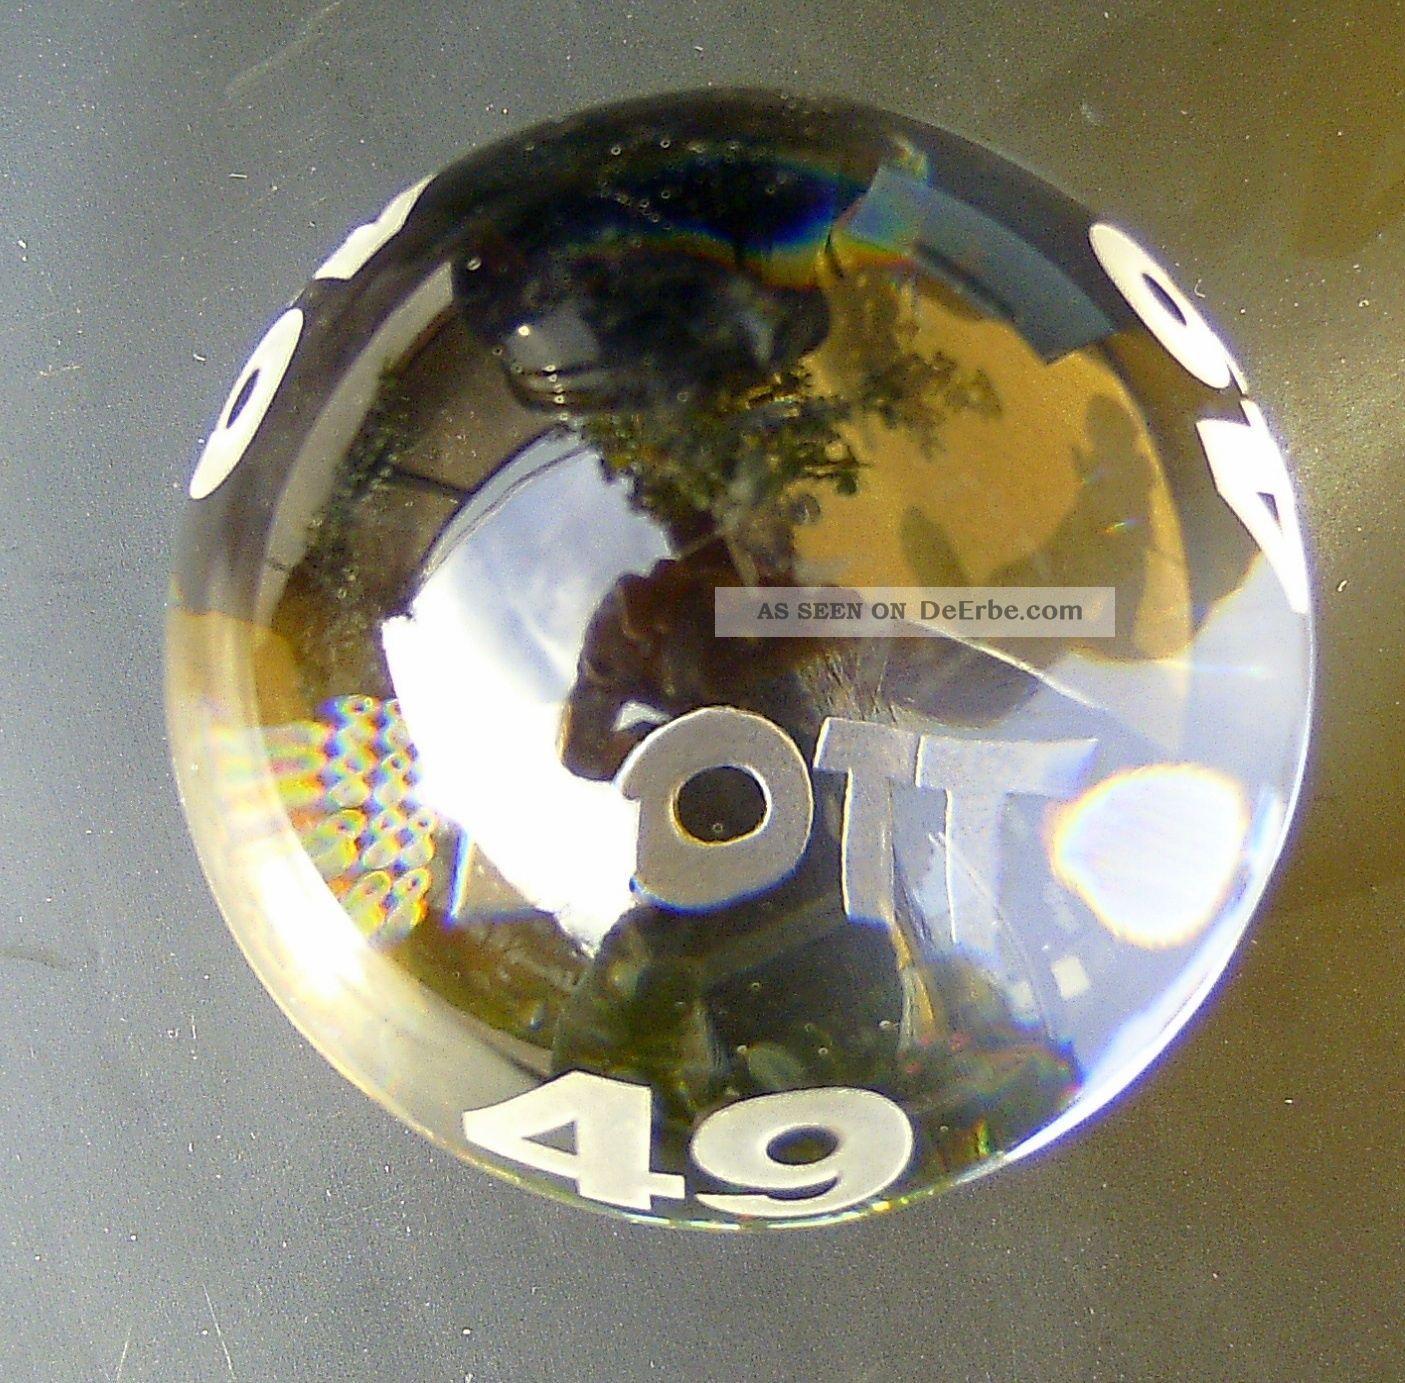 Villeroy & Boch Briefbeschwerer Paperweight Ovp Sonderedition Lotto 6 Aus 49 Dekorglas Bild